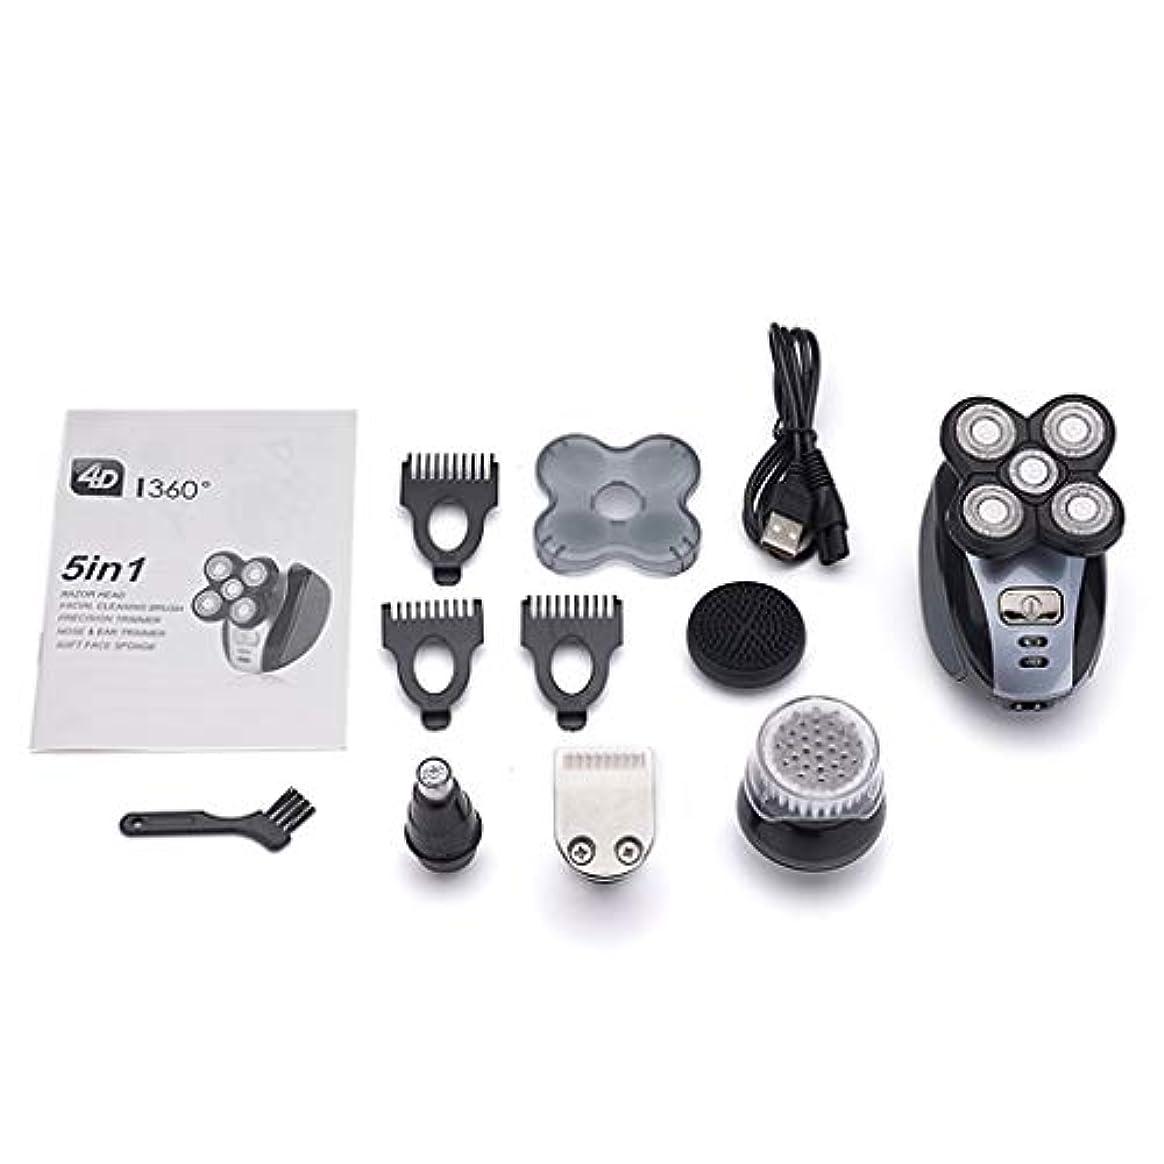 三十設計図集めるYHSUNN 男性USB充電モデル多機能防水5ヘッド電気シェーバーシェービングひげナイフ充電式カミソリ